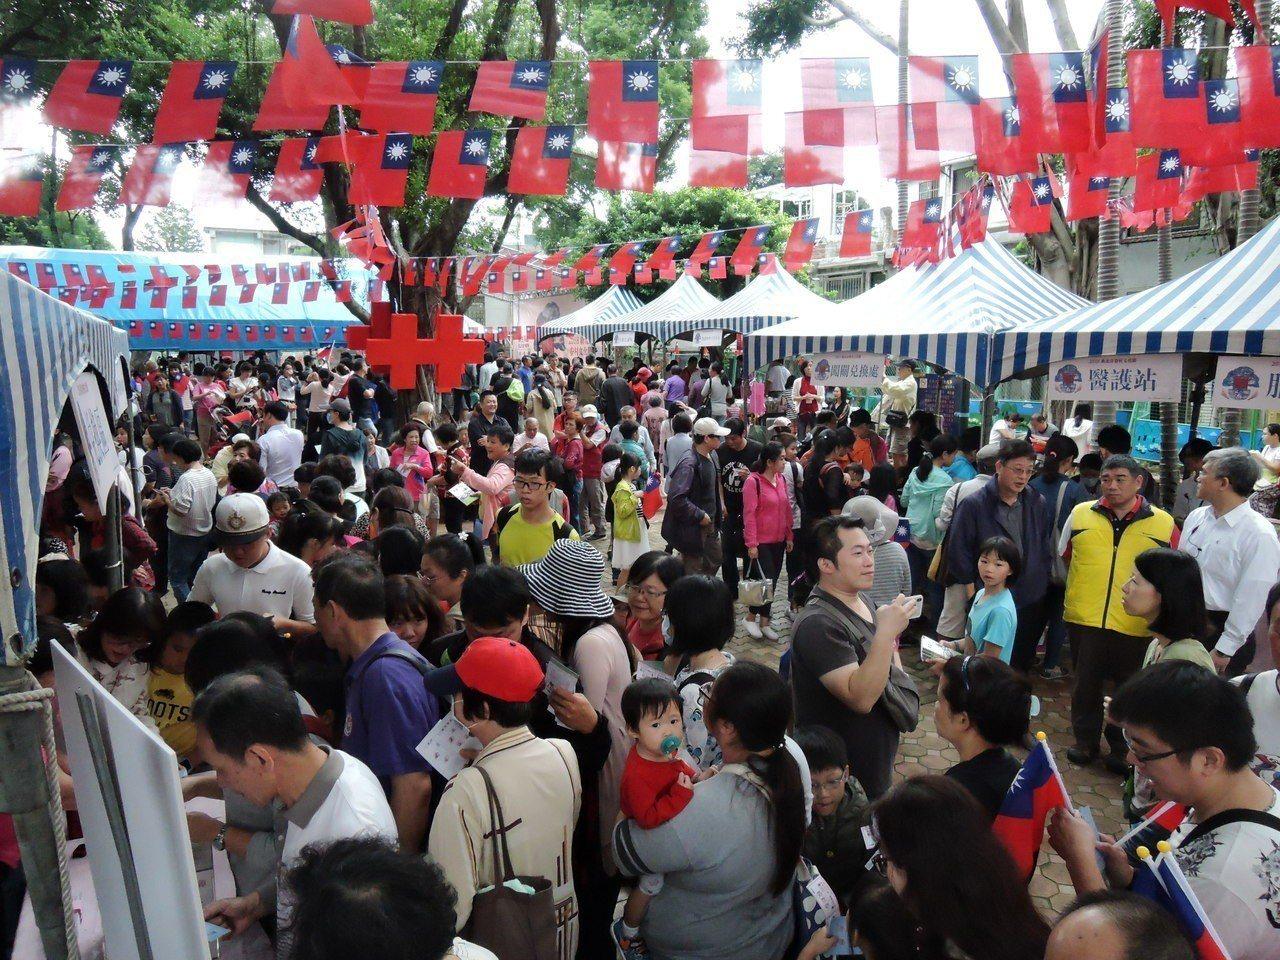 新北市眷村文化節昨天在三重光興公園舉行,現場人潮熱烈。記者陳珮琦/攝影